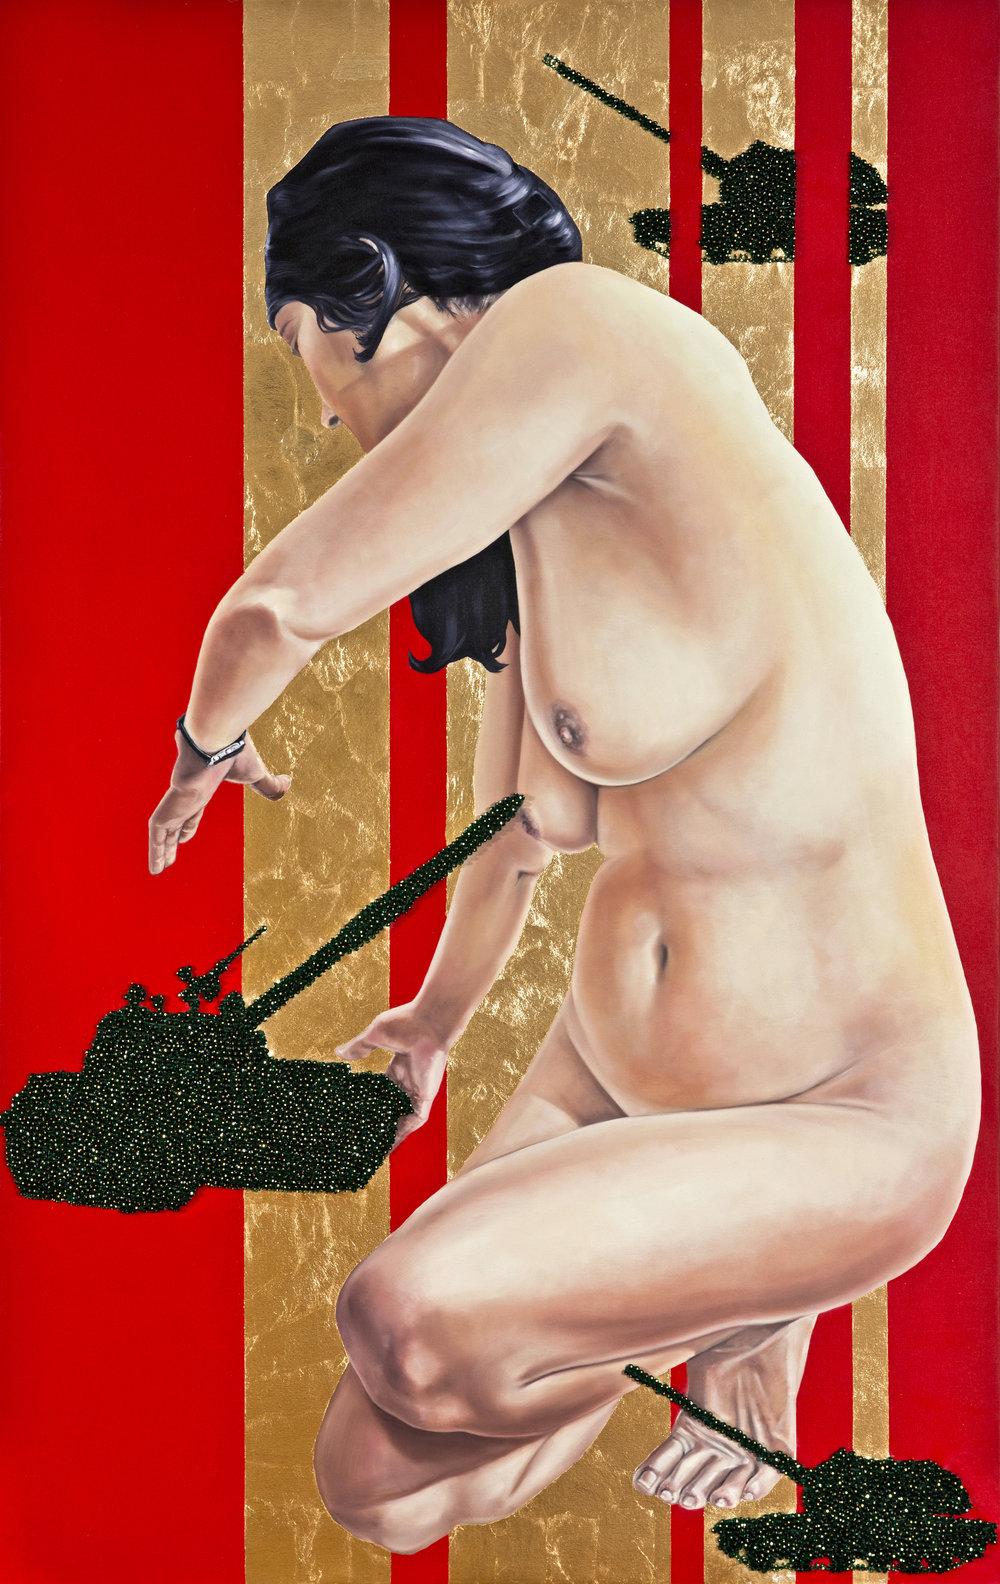 Democracy III, 205x130 cm, oli on canvas & swarovsky beads copy.jpg